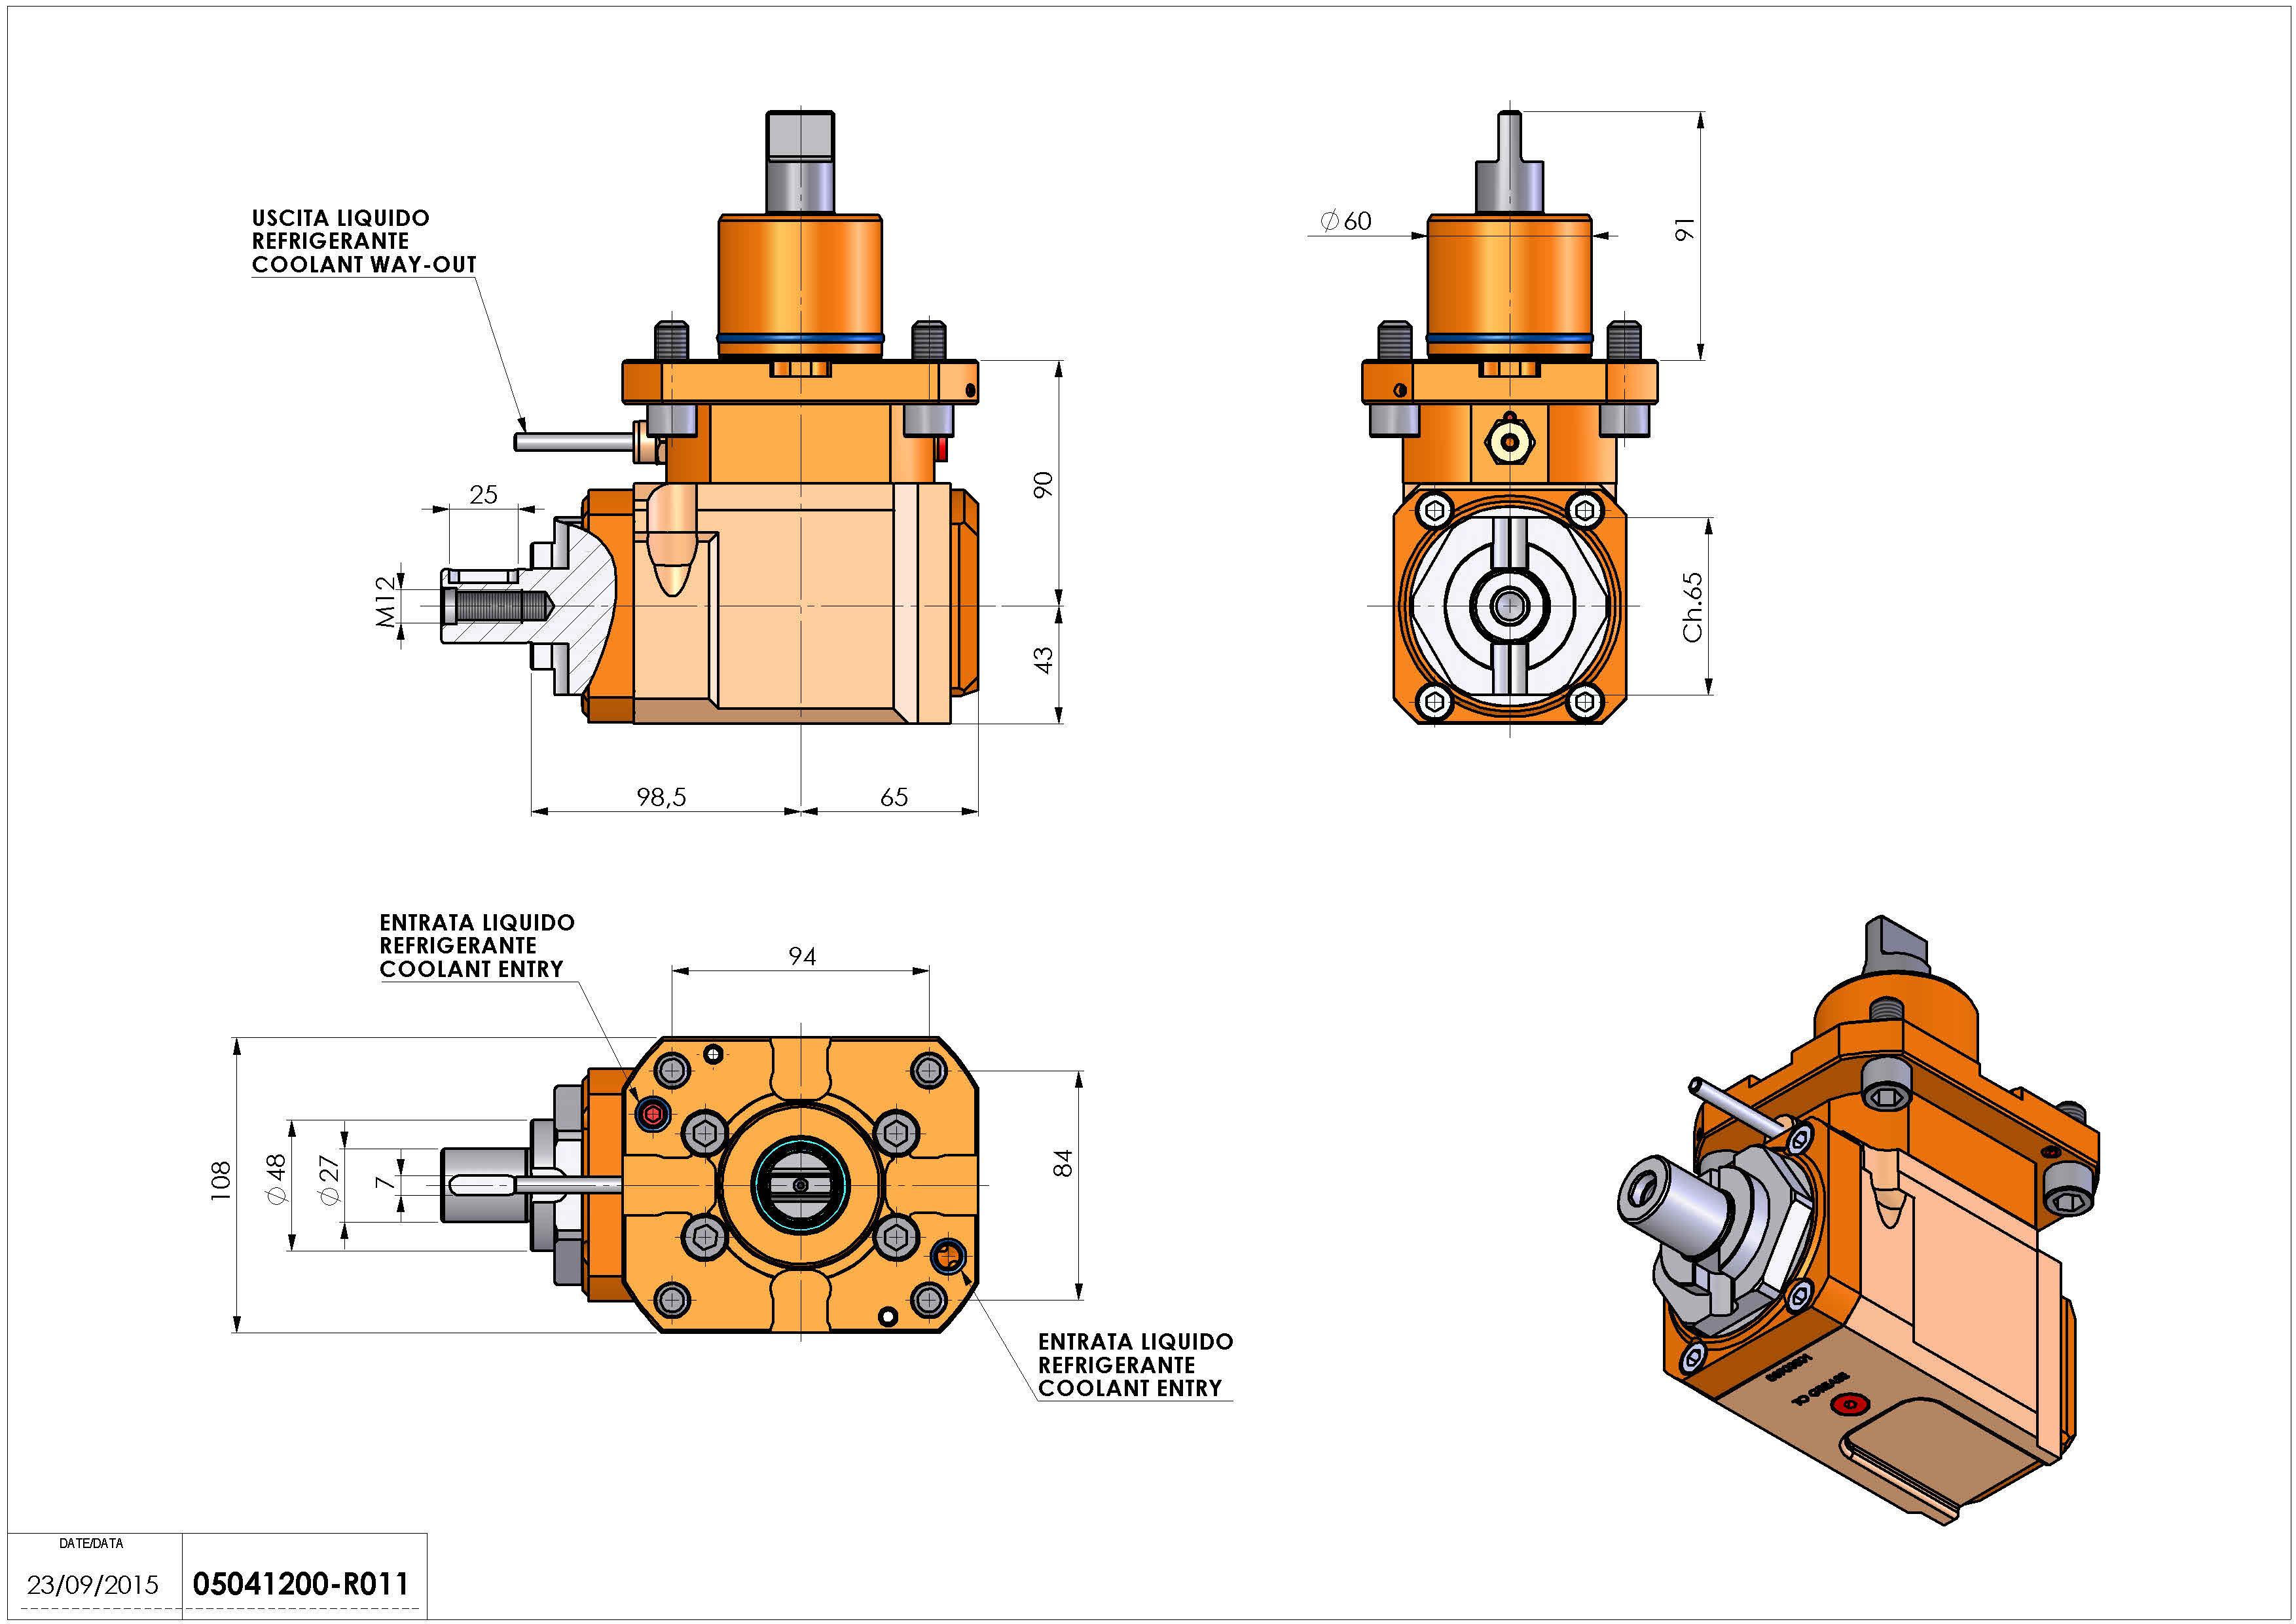 Technical image - LT-A D60 DIN138-27 L-R H90.